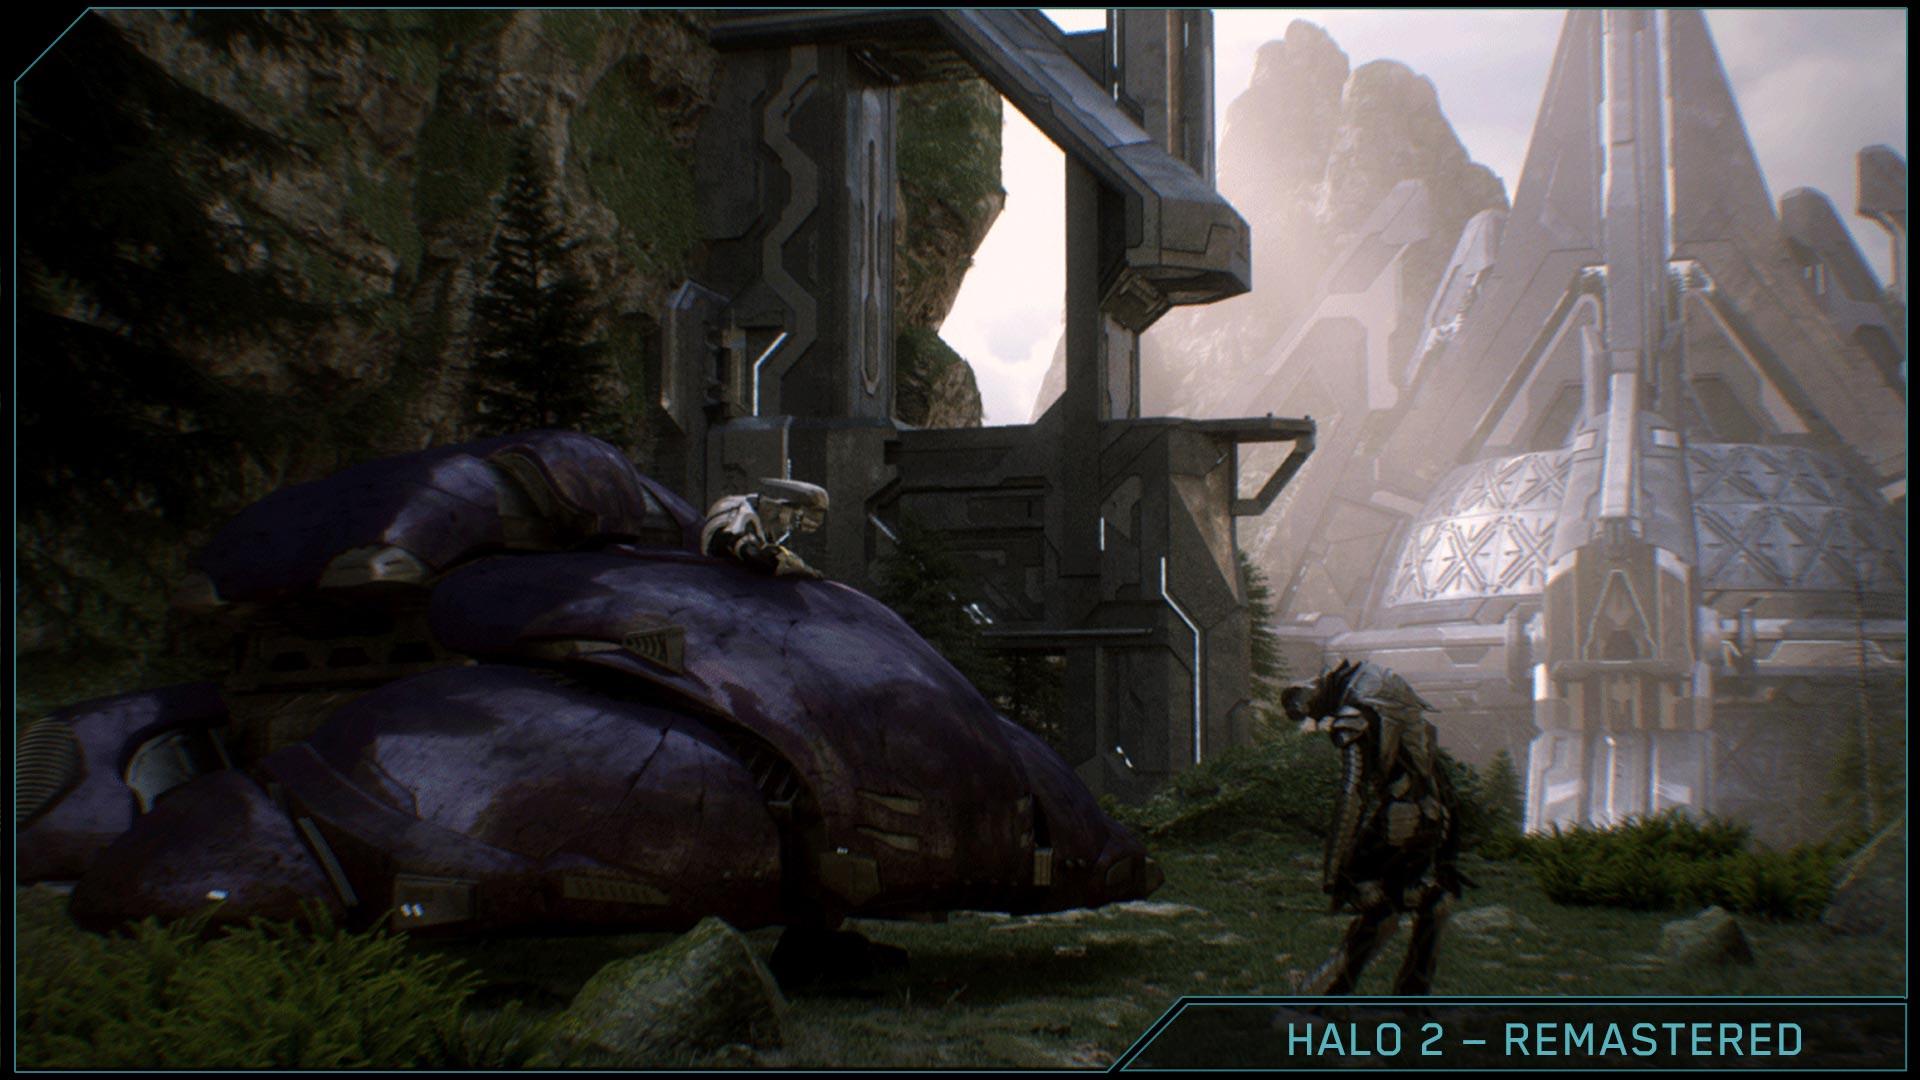 Halo 2 Anniversary Gravemind Comparison Halo 2 Anniversary Uprising